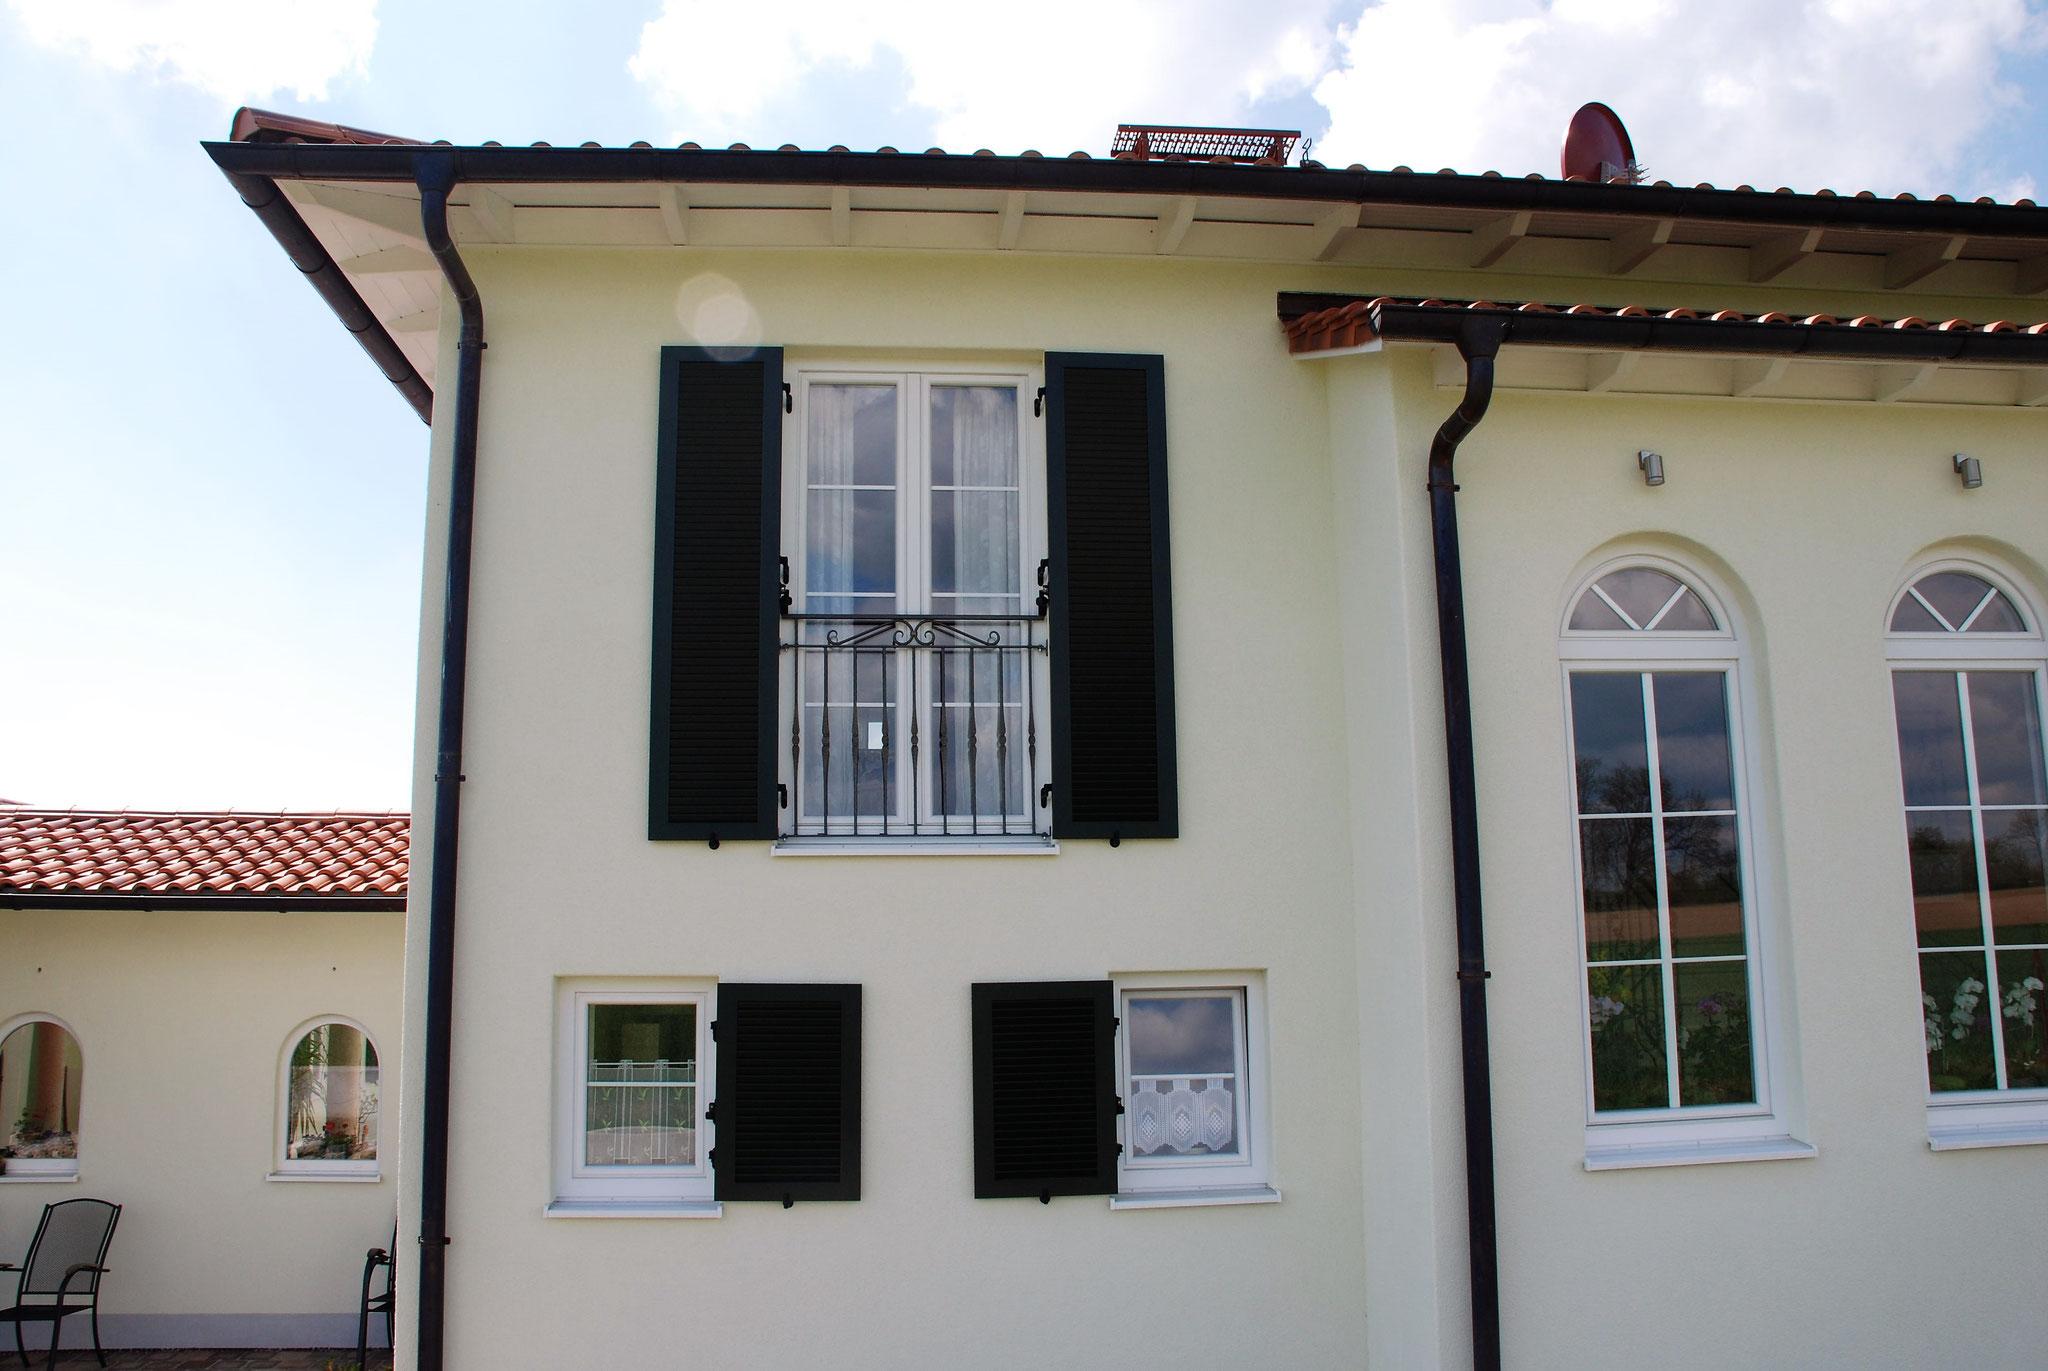 französischer Balkon in Schmiedeeisen